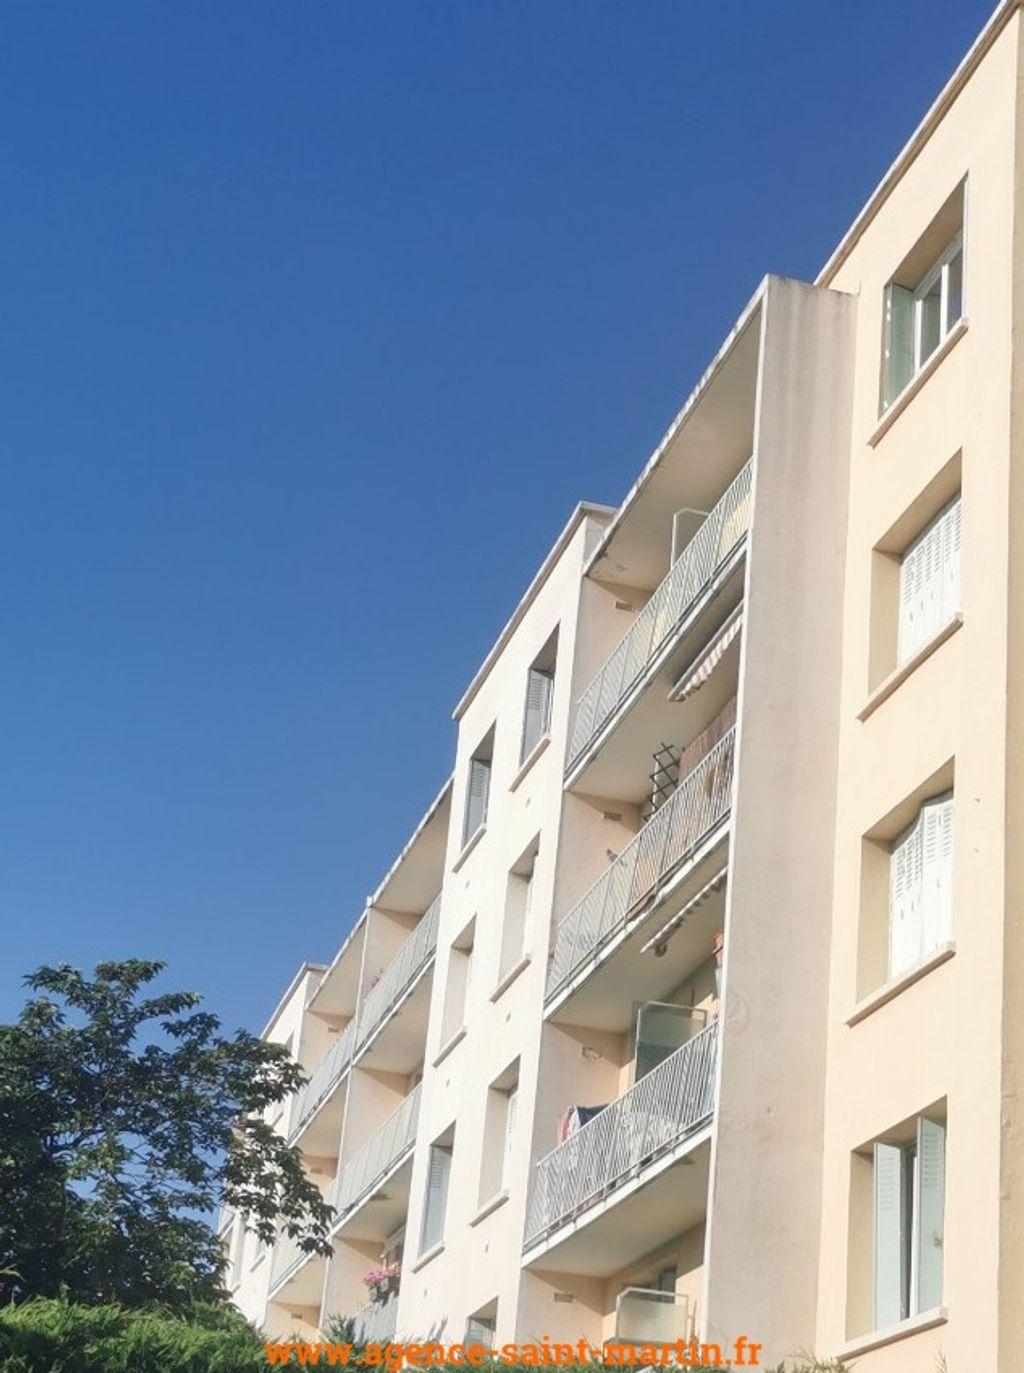 Achat appartement 3pièces 54m² - Montélimar